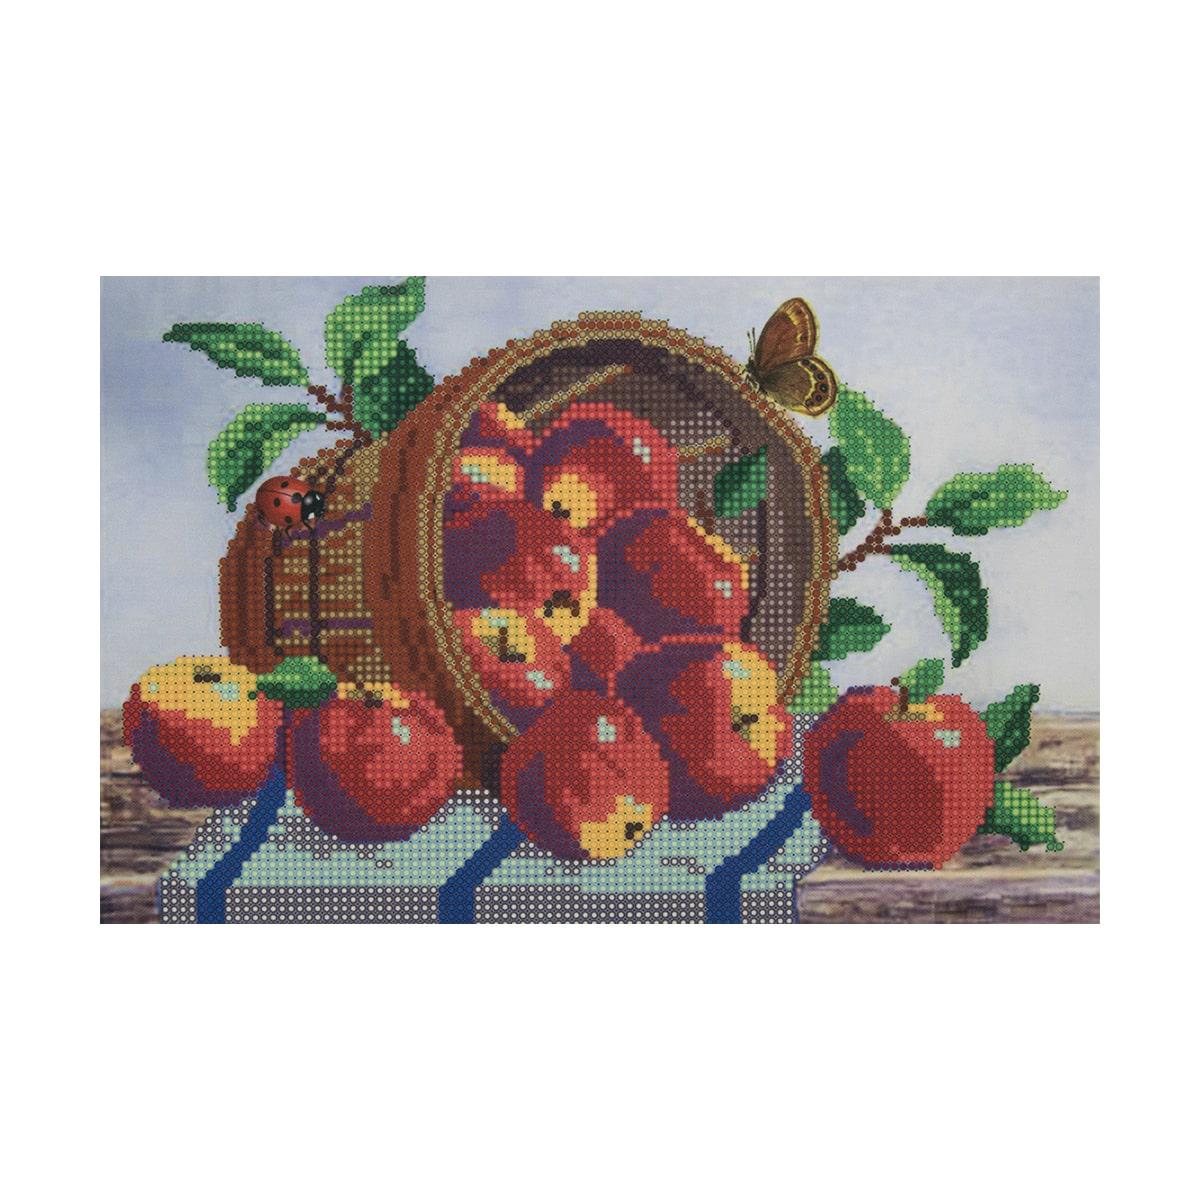 НР-3001 Канва с рисунком для вышивания бисером 'Яблоки' Hobby&Pro 25*16см